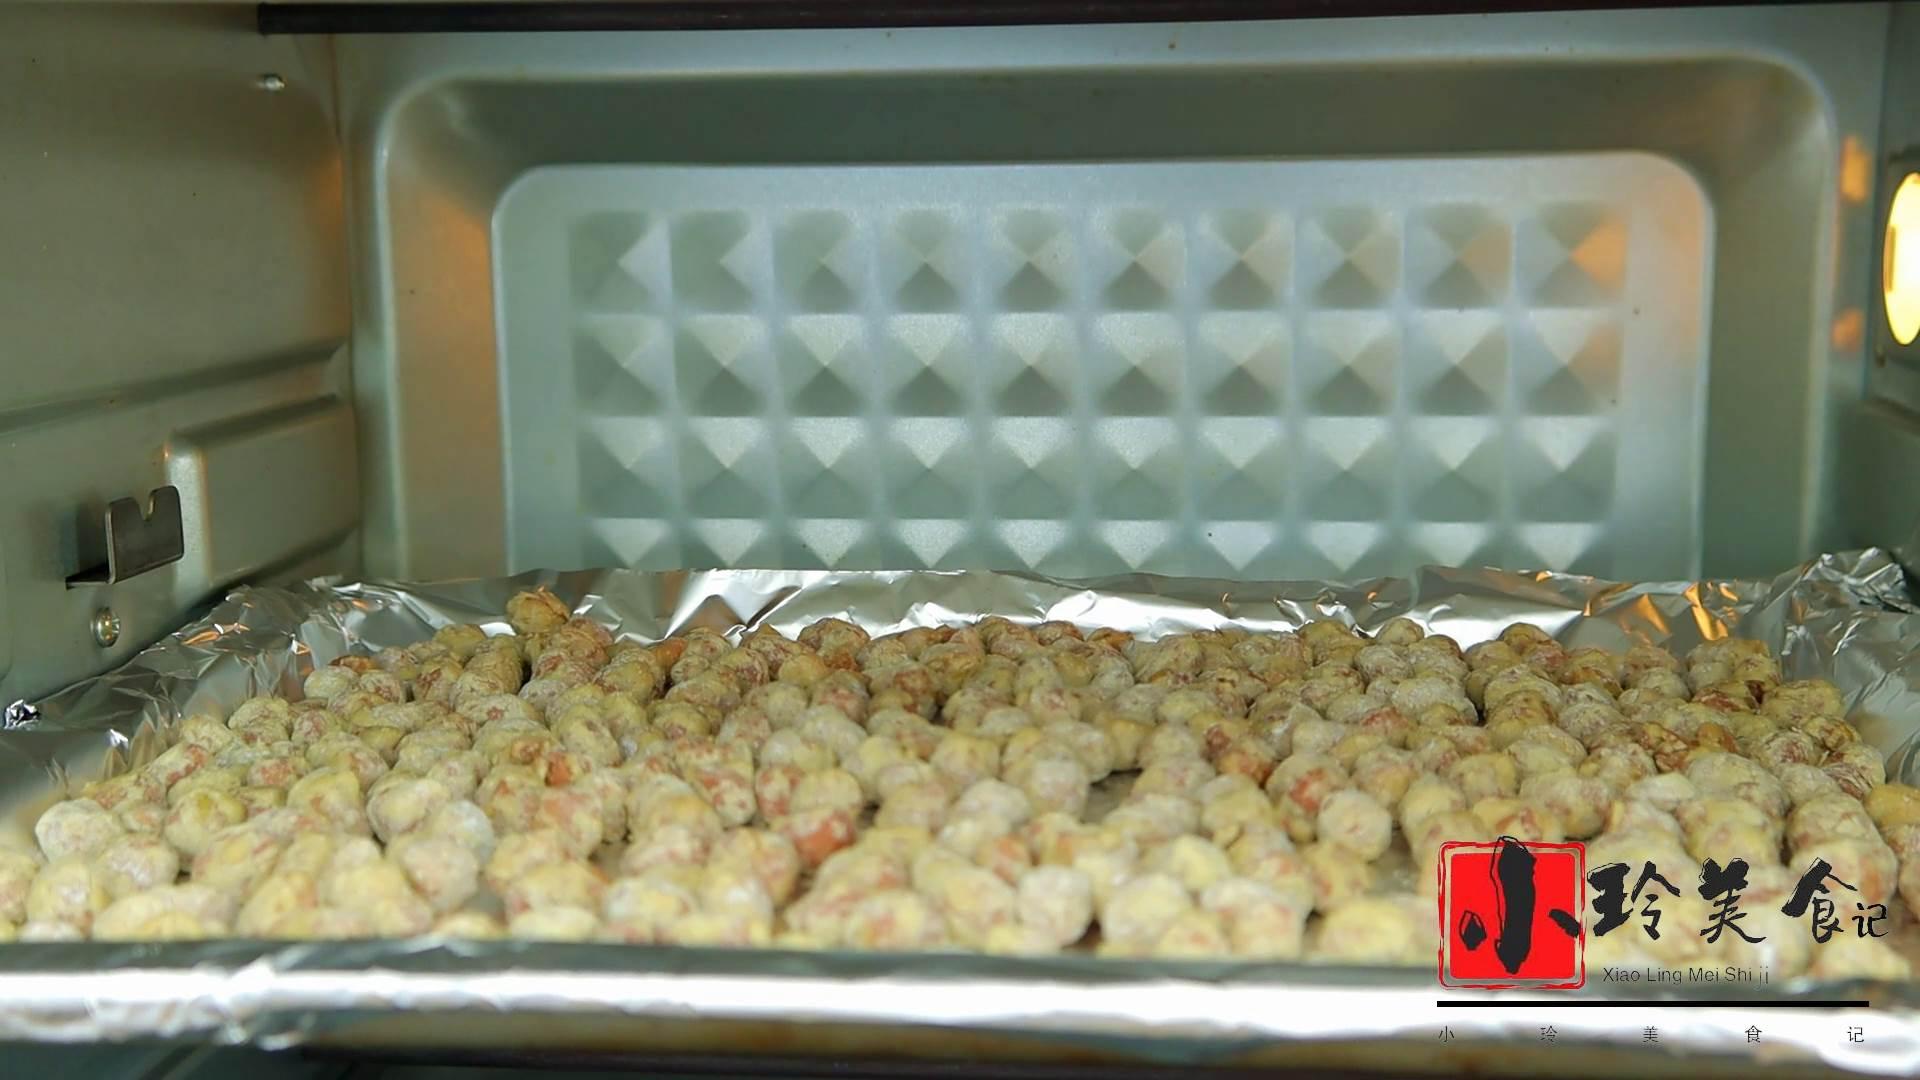 花生不油炸了,打入2个鸡蛋,筷子一搅,咬一口嘎嘣脆,好吃上瘾 美食做法 第9张